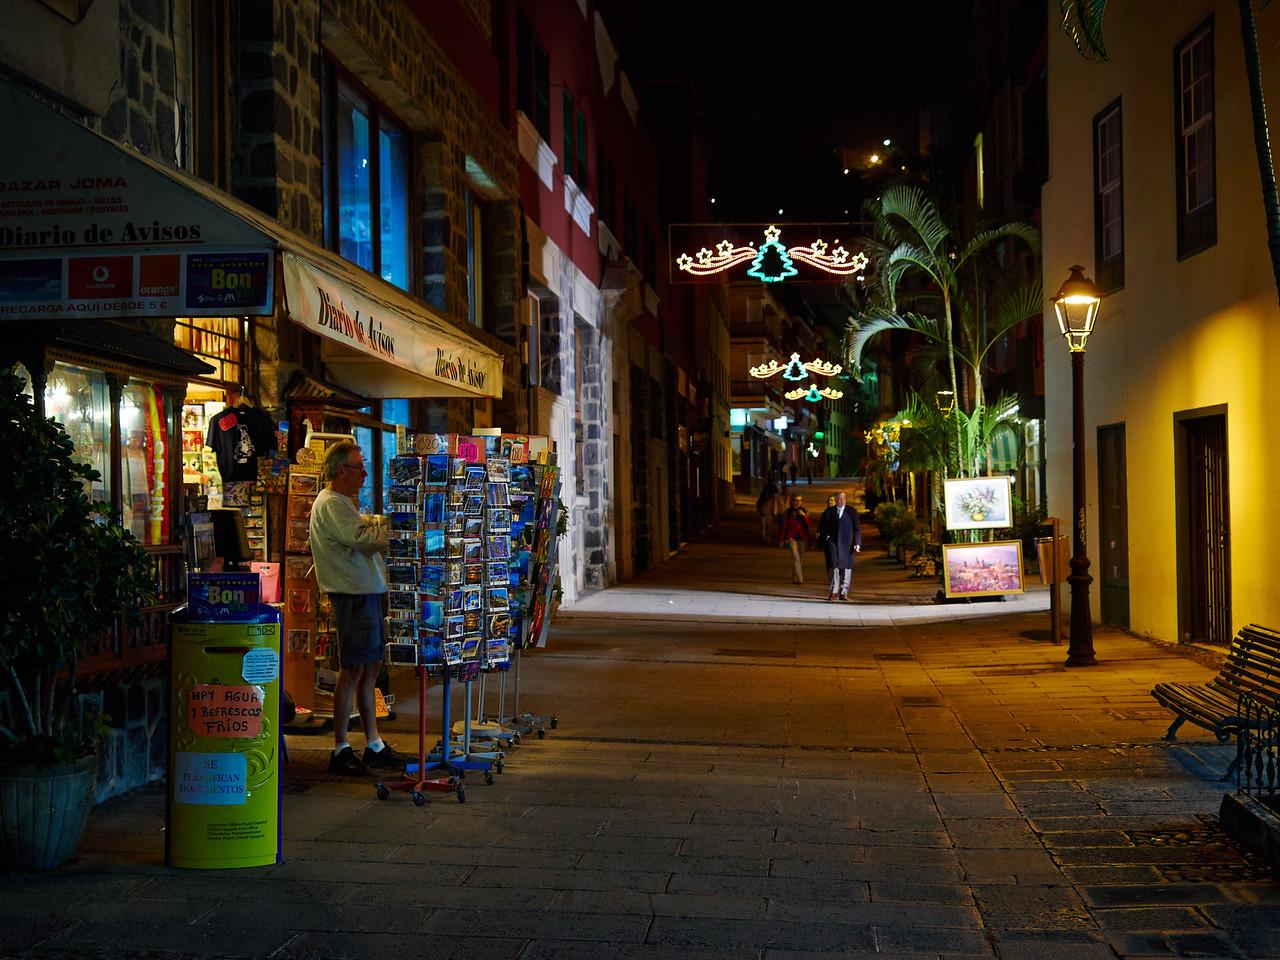 Diario de Avisos. Puerto de la Cruz by night